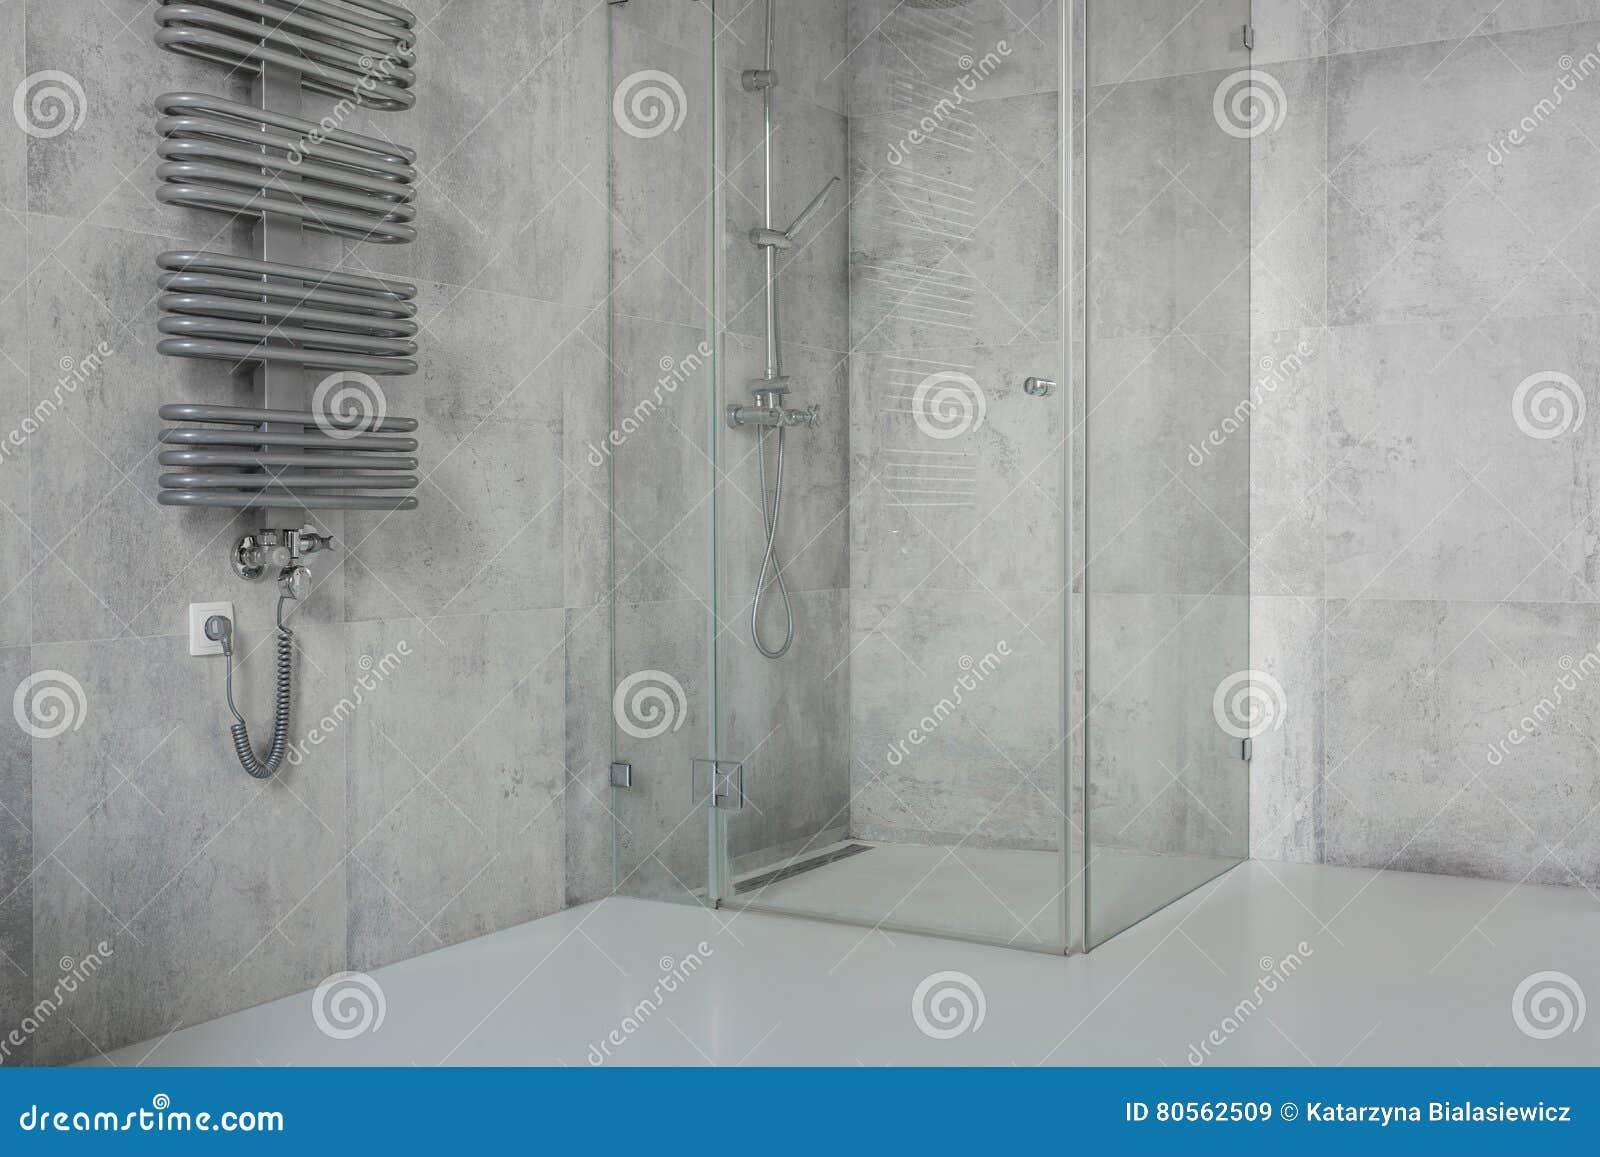 Tuiles en béton dans la salle de bains moderne et spacieuse